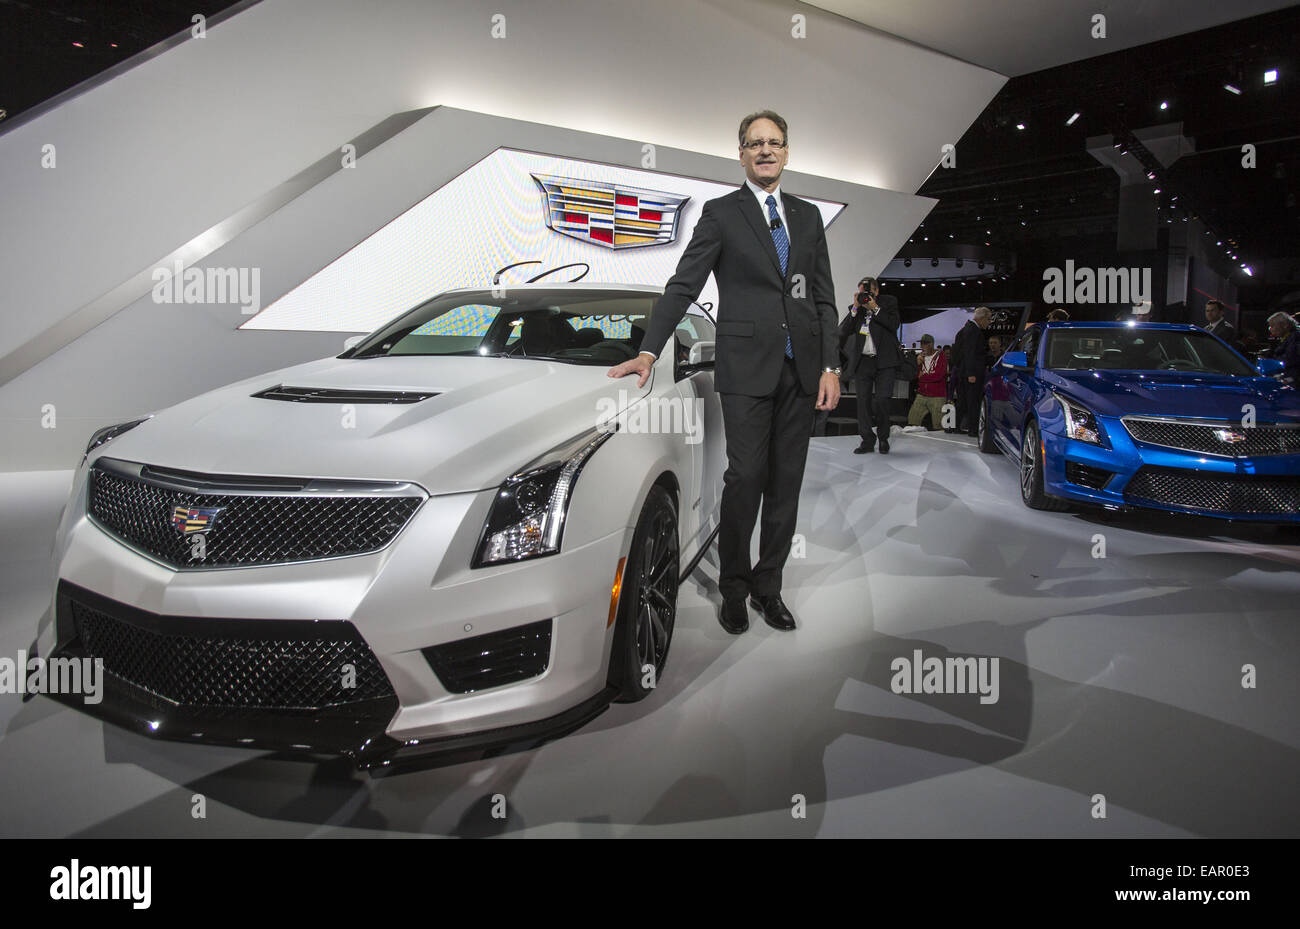 Wunderbar Präsident Cadillac Galerie - Elektrische Schaltplan-Ideen ...